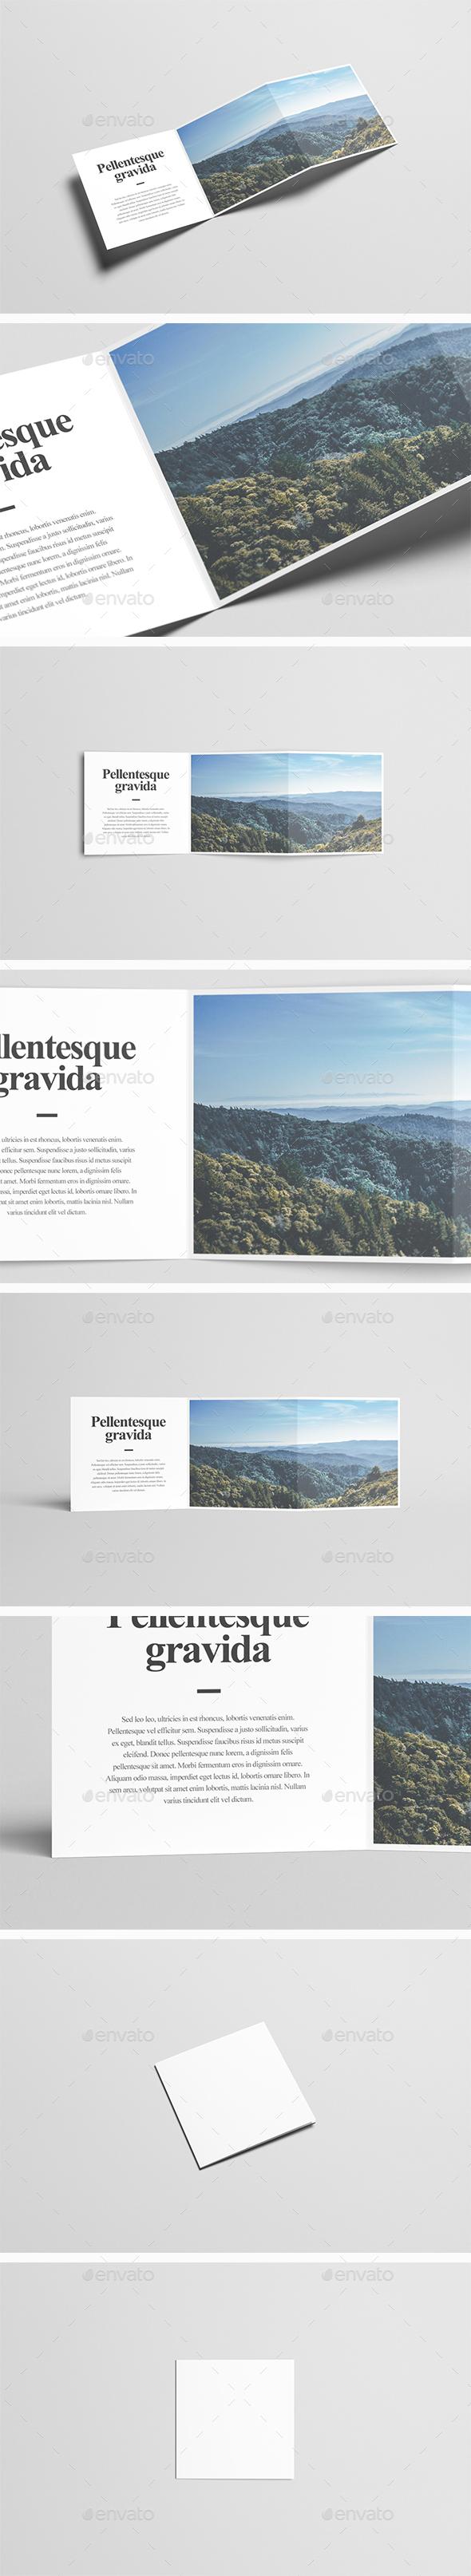 Square Z-Fold Brochure Mock-Up - Brochures Print